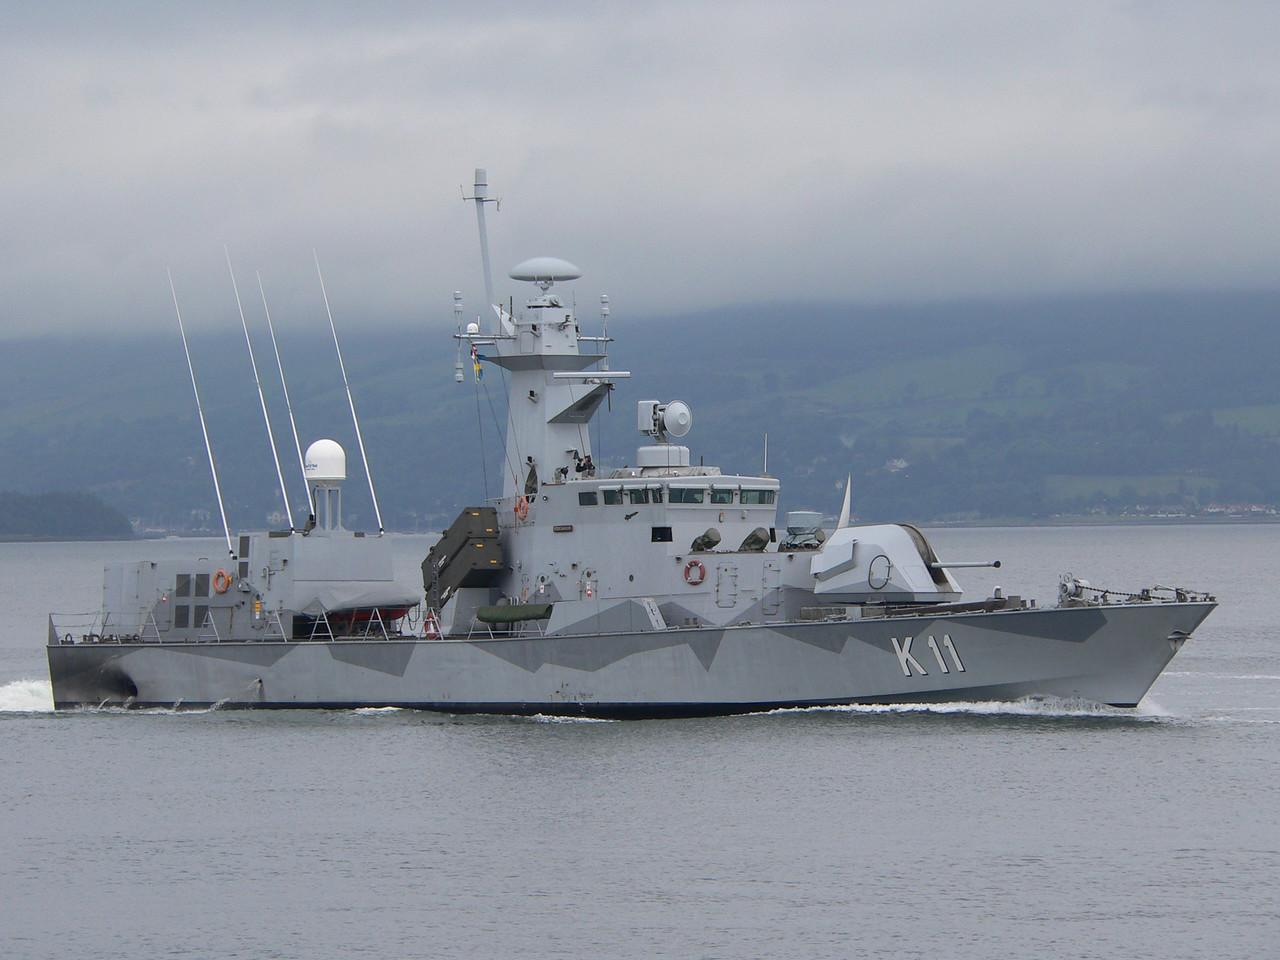 K-11 HMS STOCKHOLM